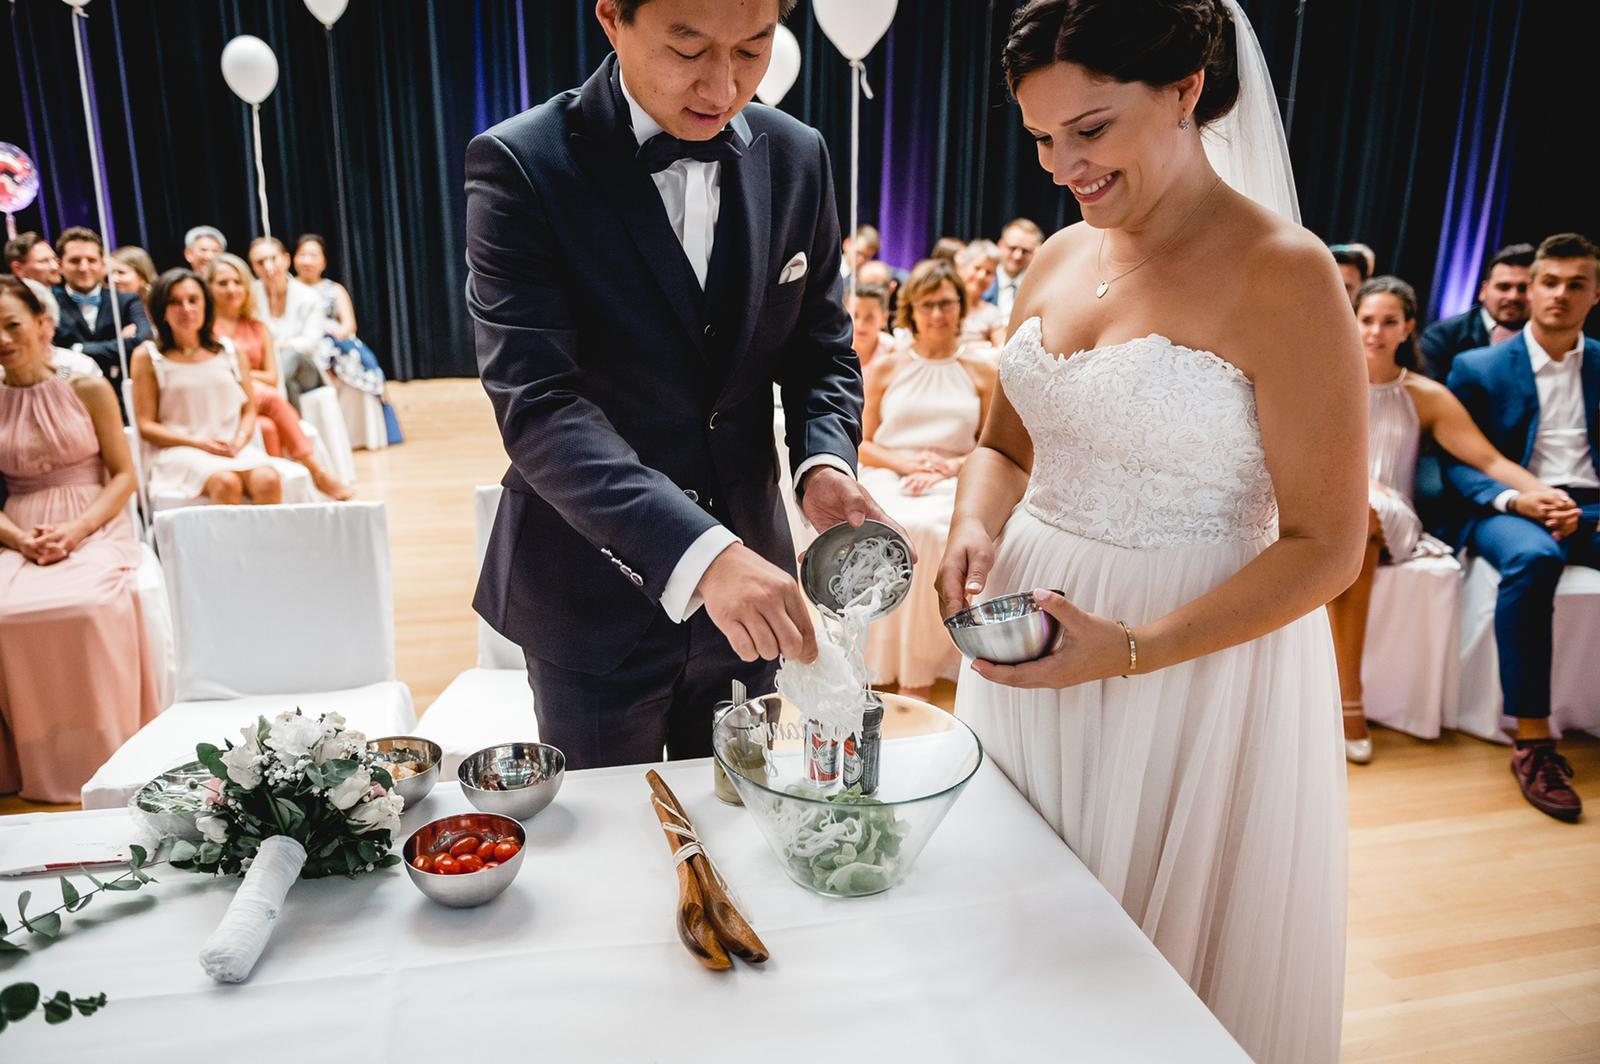 Salat-Ritual bei der freien Trauung in Essen